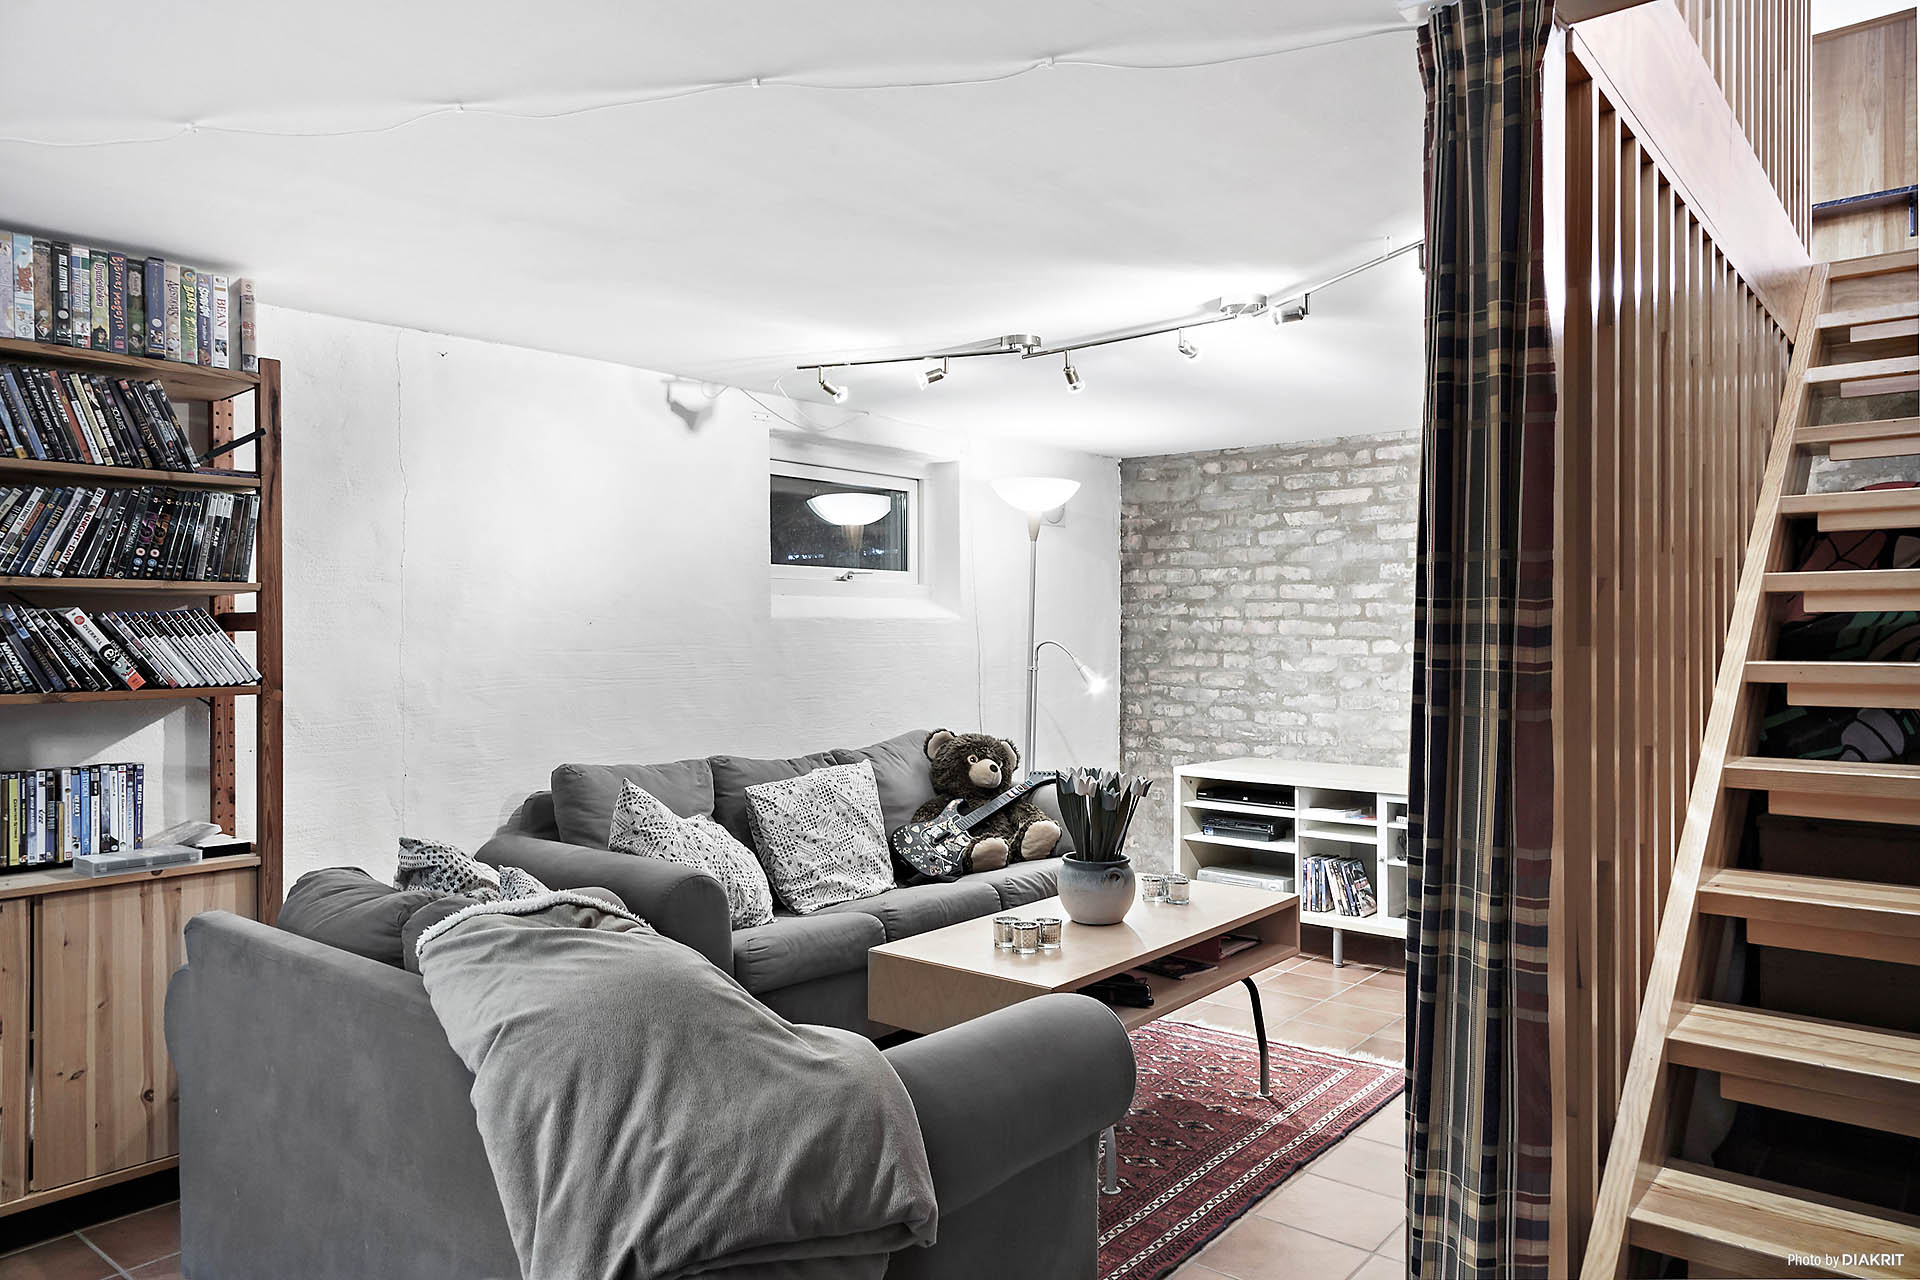 Stort allrum med klinkers, vacker tegelvägg och skön golvvärme i källaren.